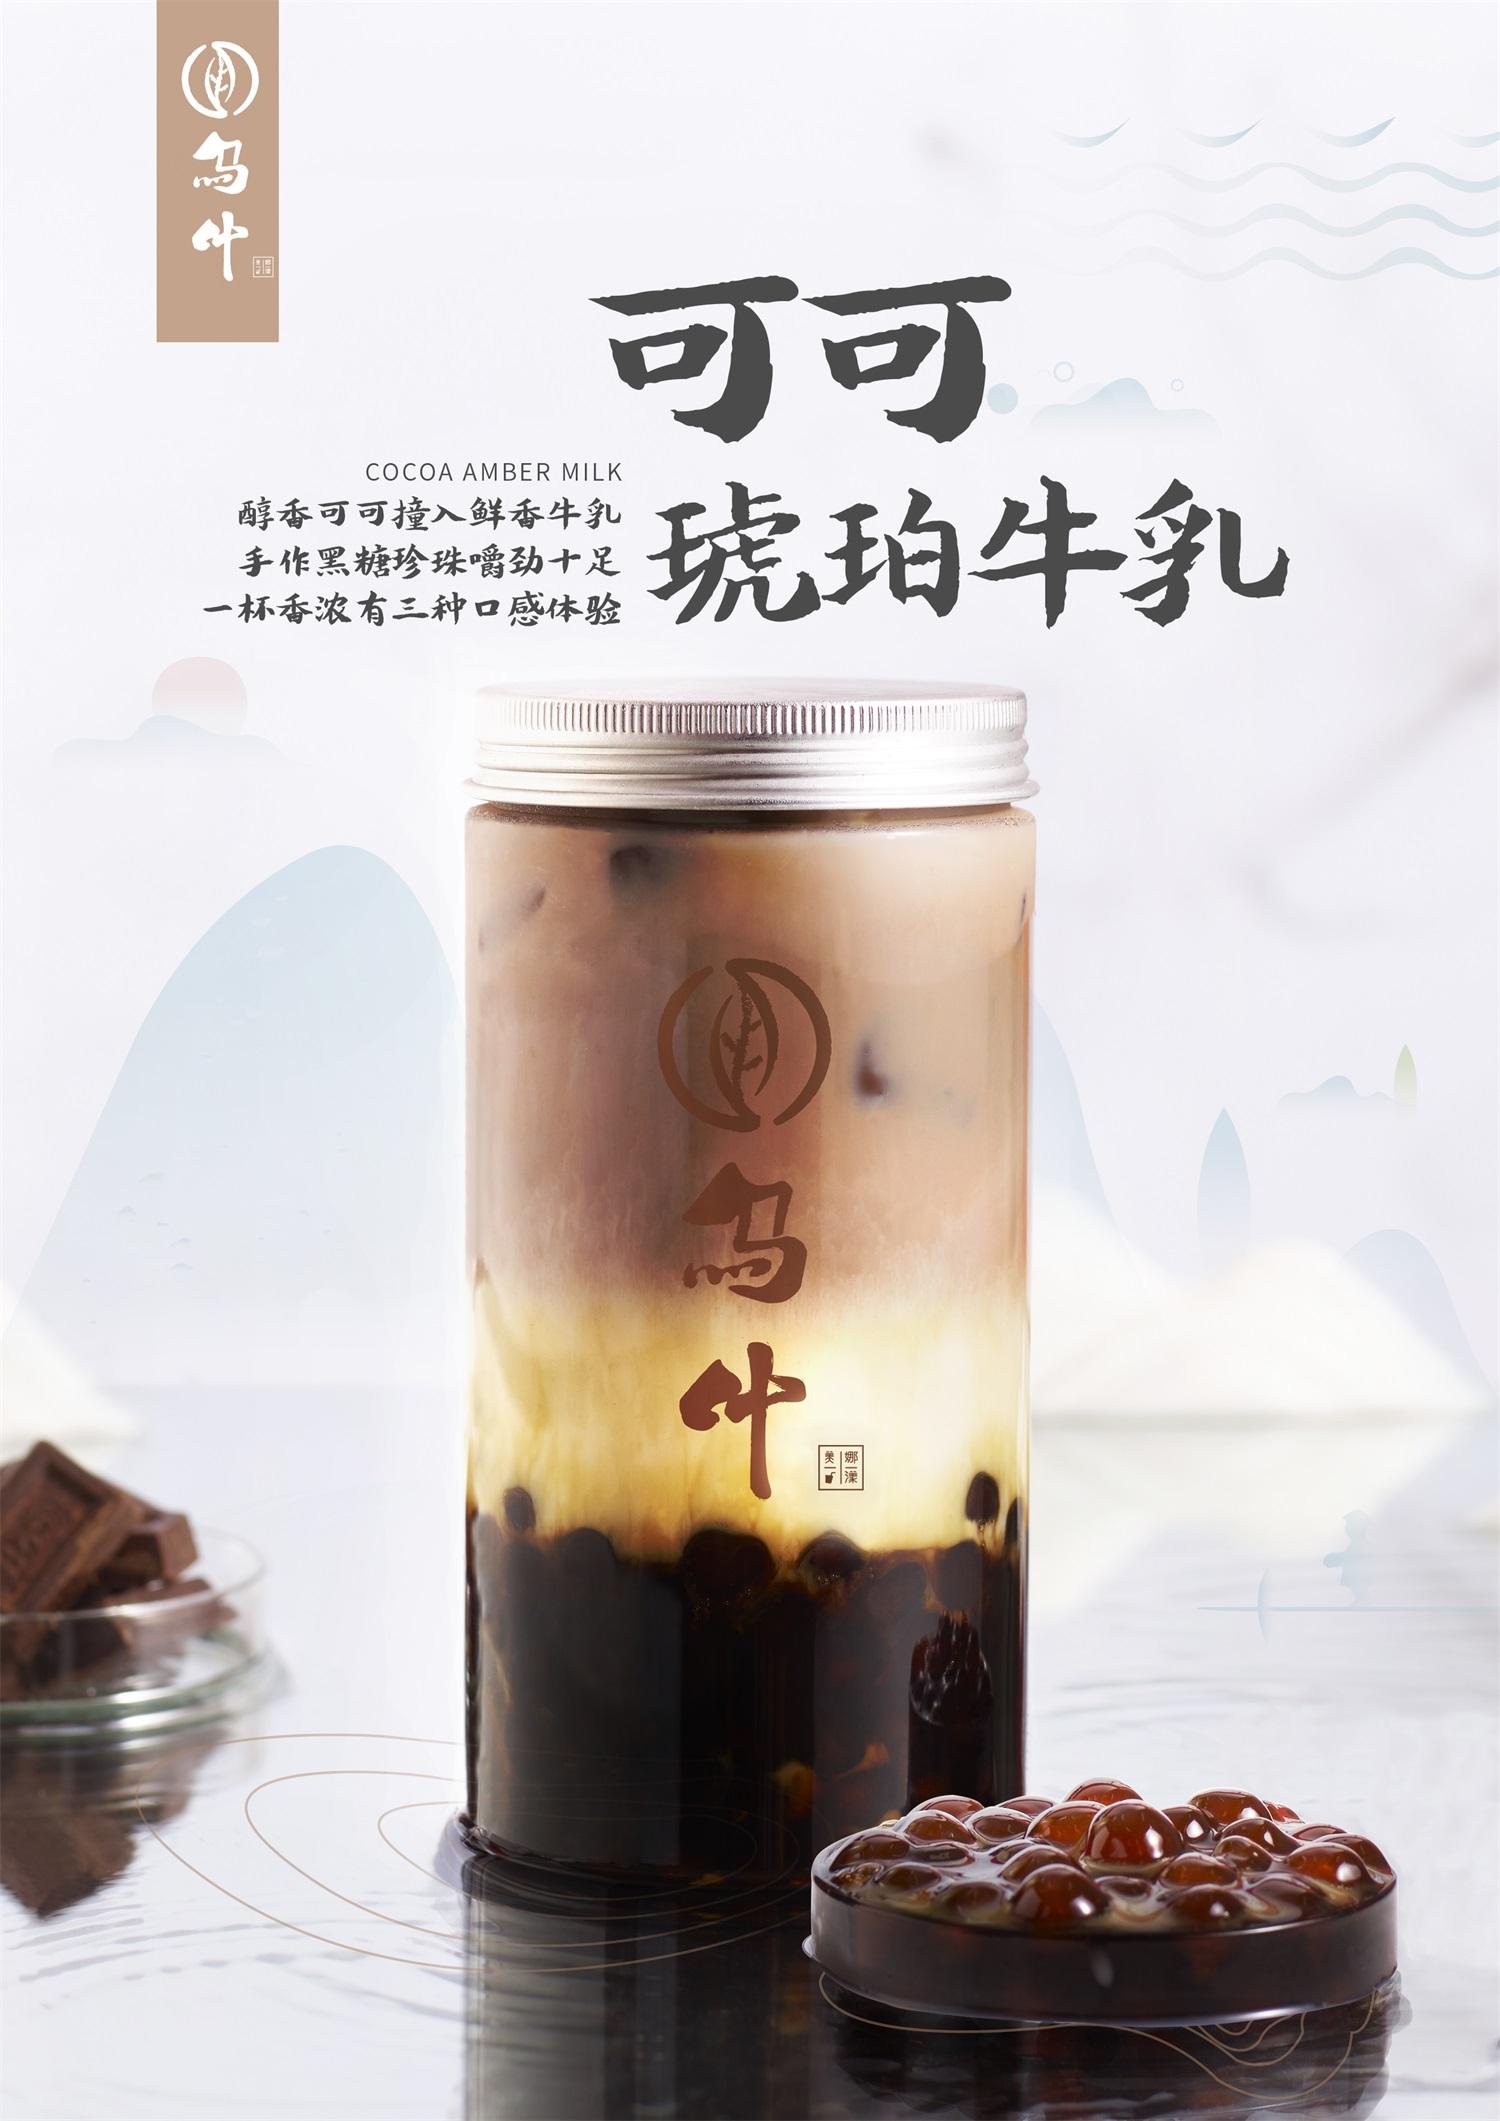 广州一点点加盟 奶茶加盟